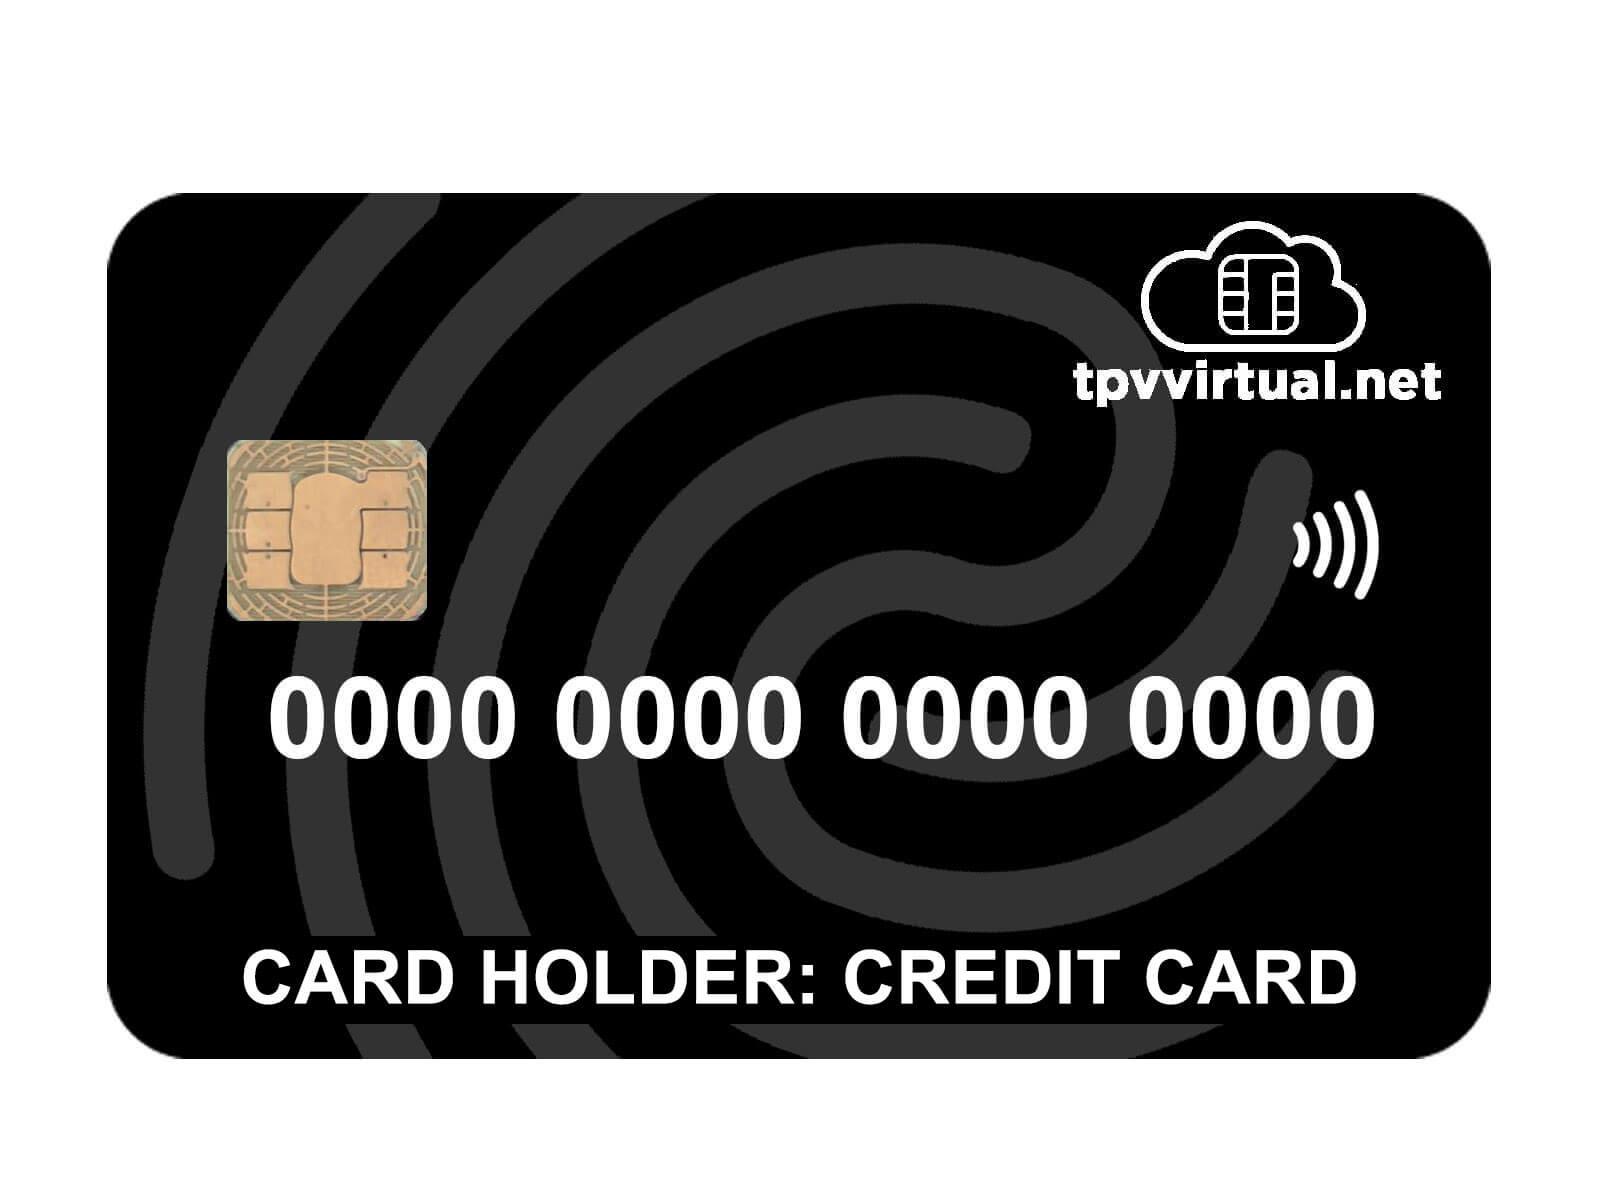 Cardholder credit card